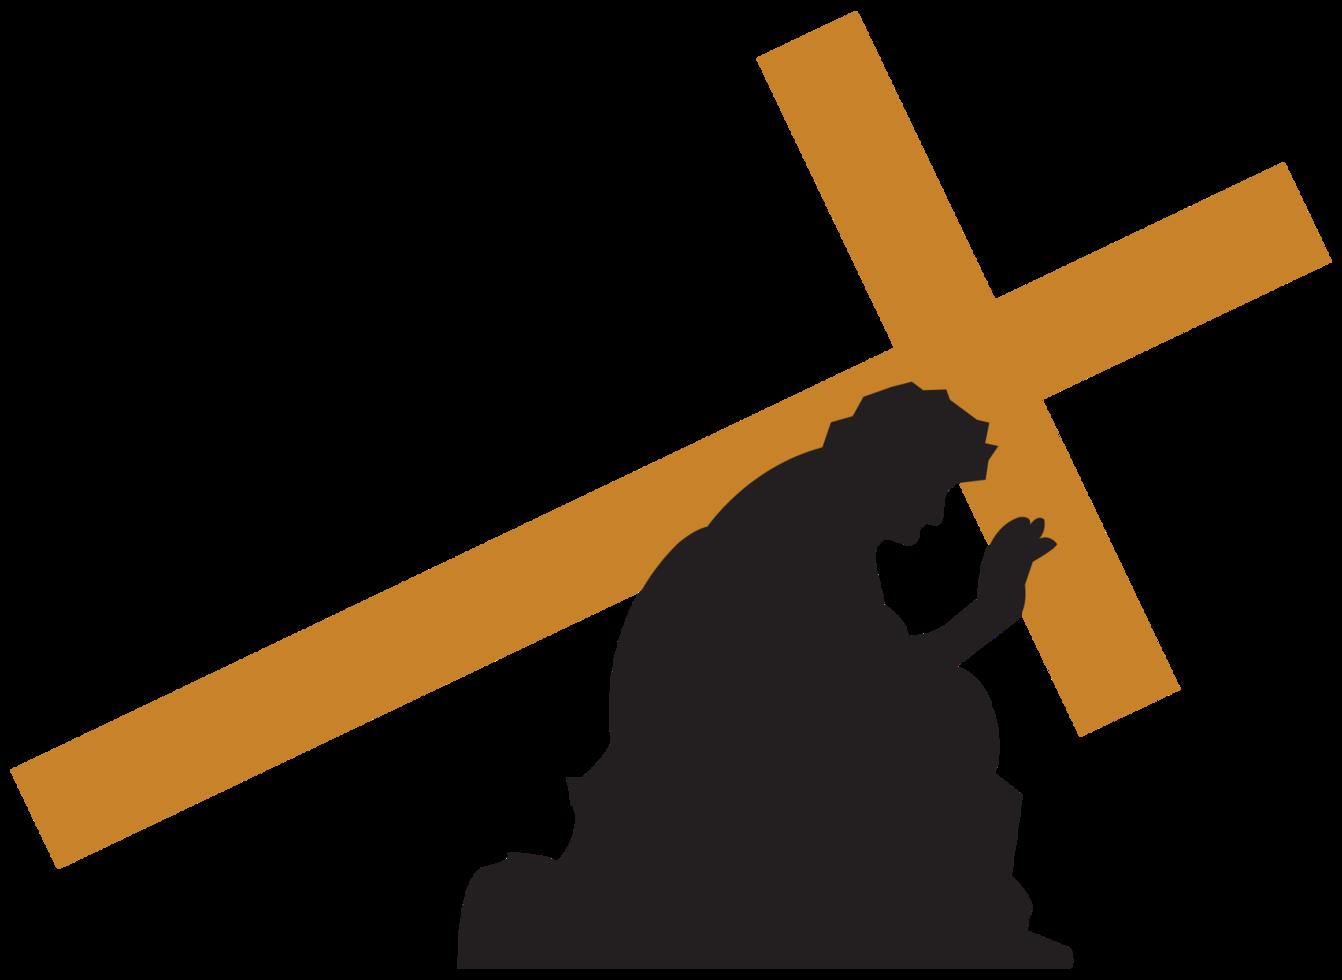 Gesù porta la croce png